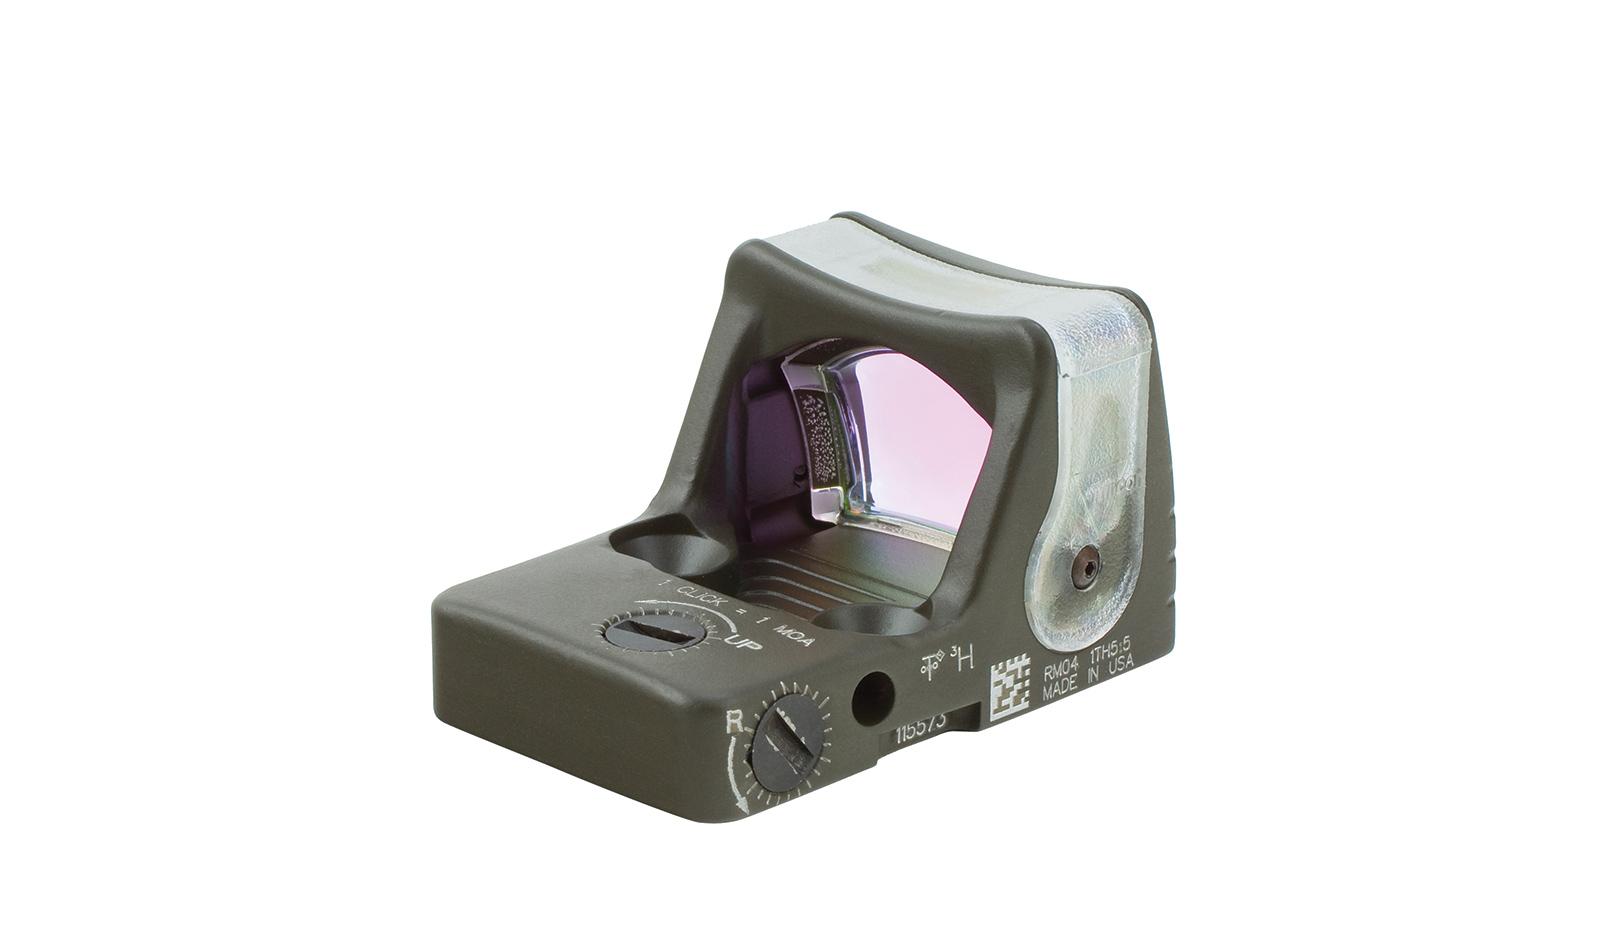 RM08-C-700257 angle 5